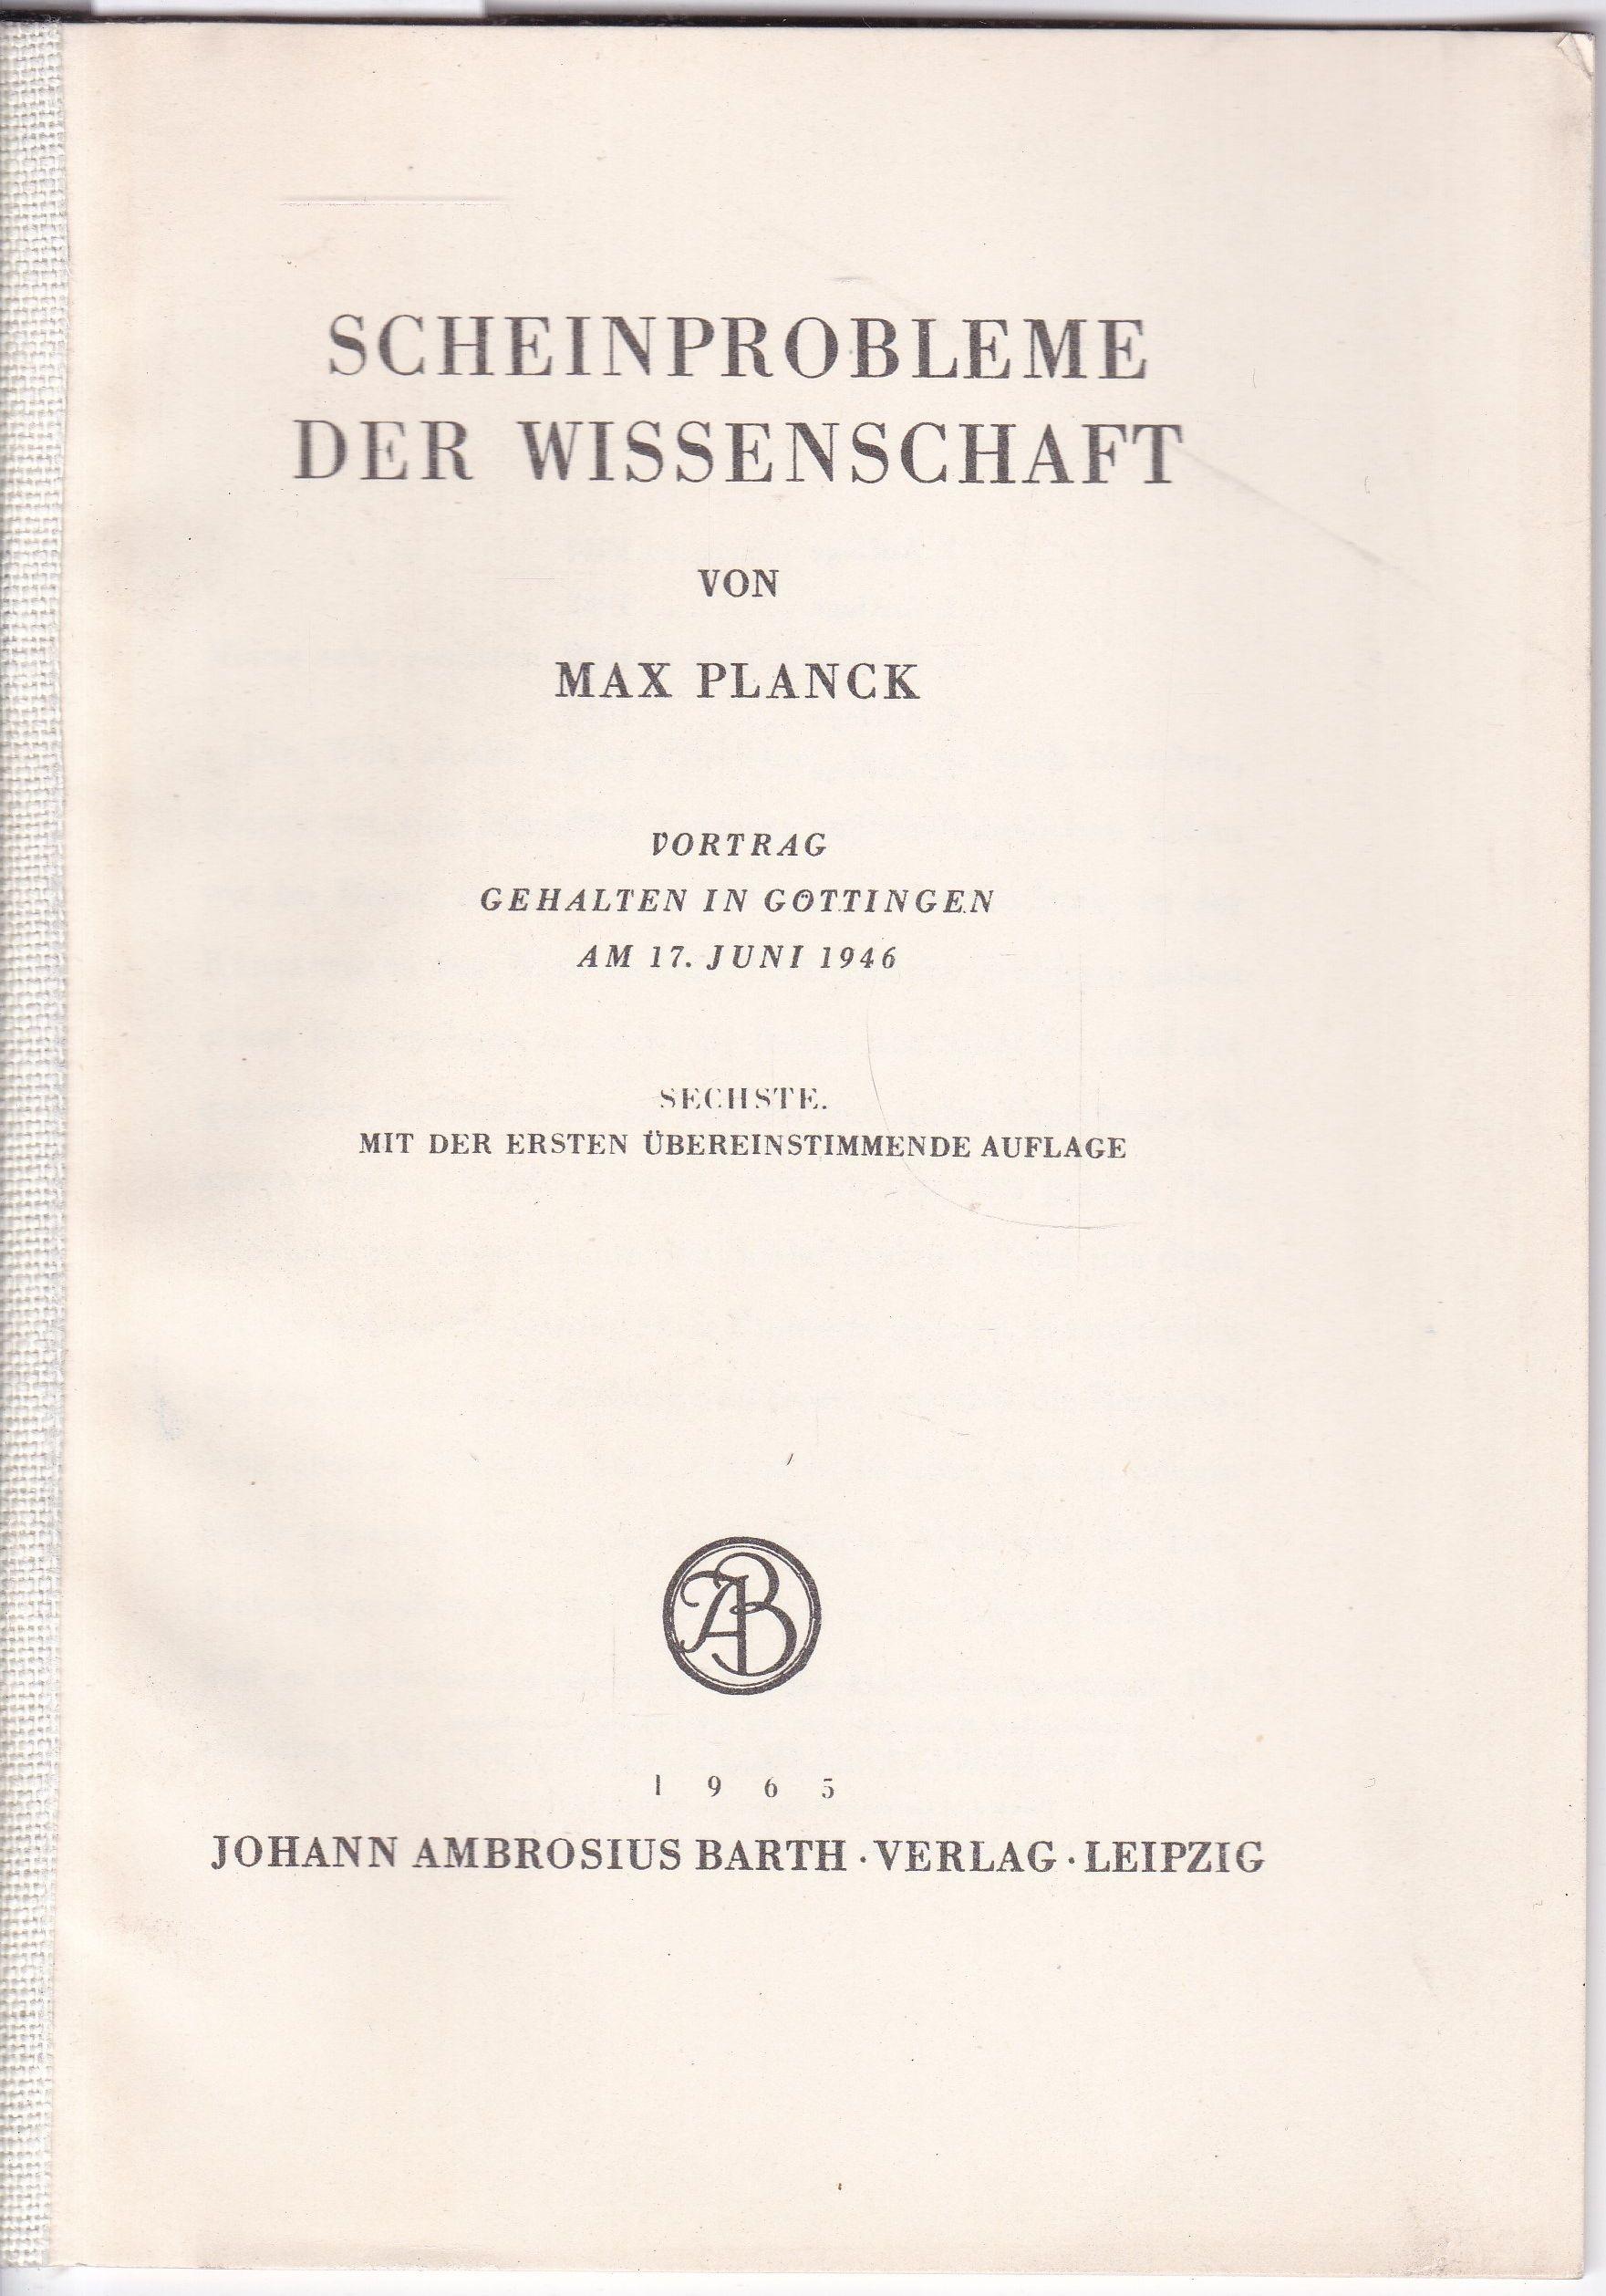 Scheinprobleme der Wissenschaft: Planck, Max